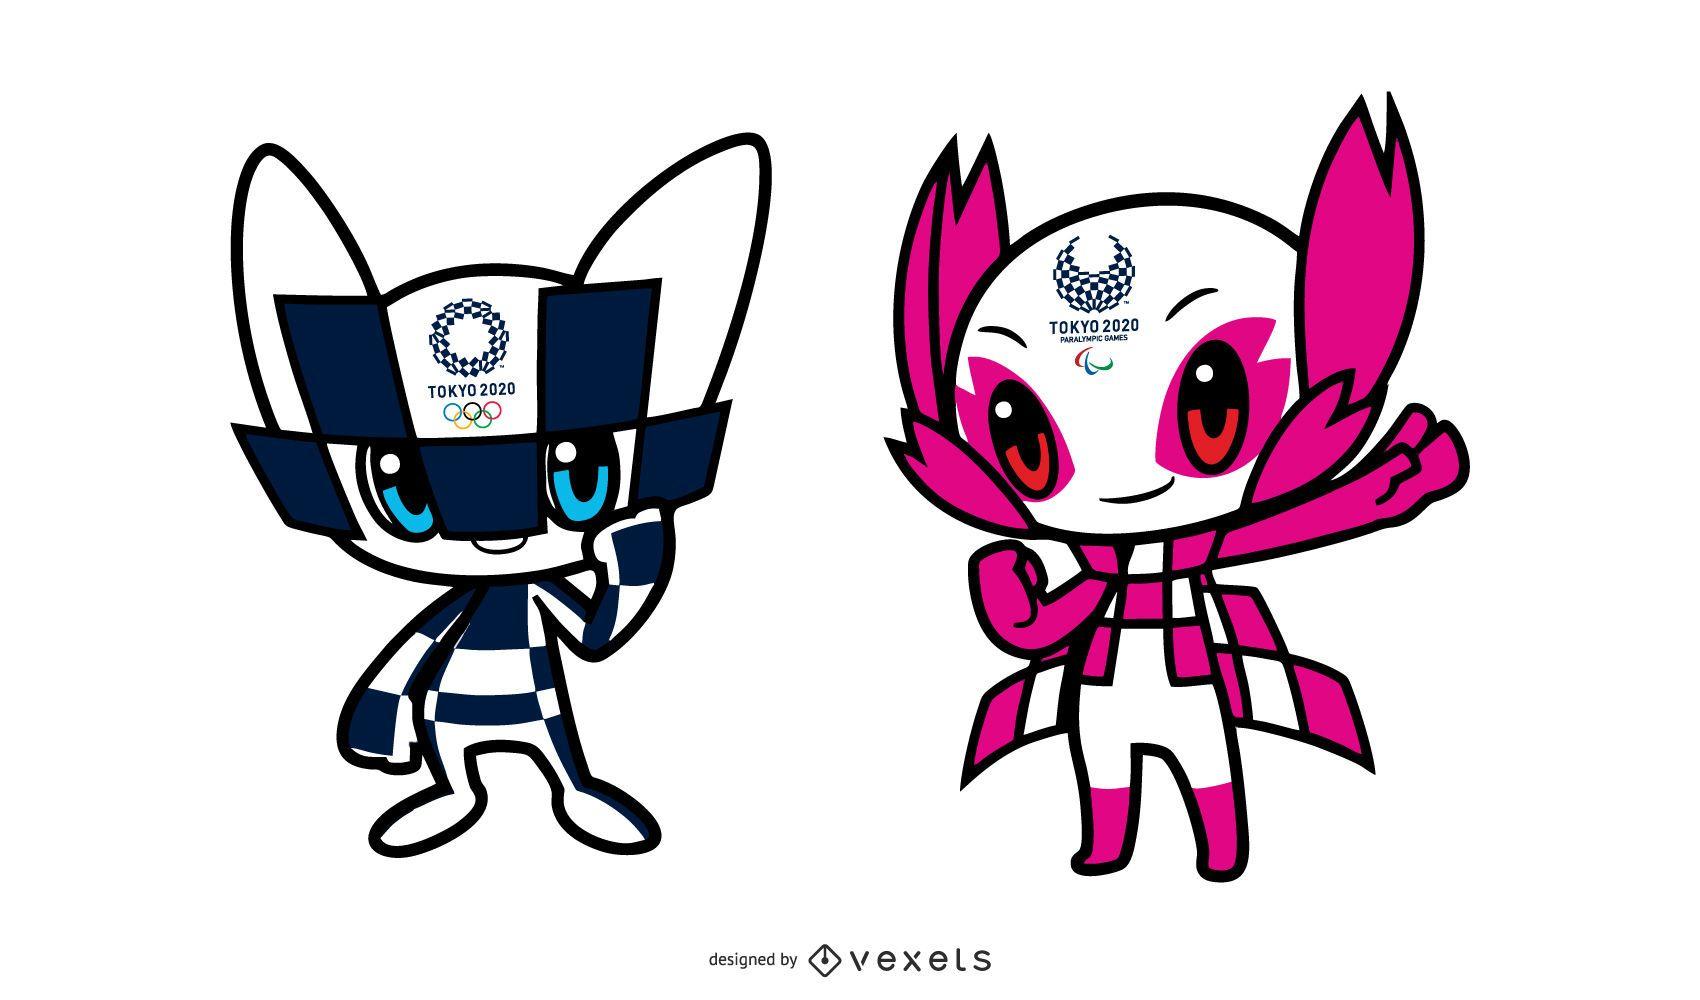 Design de personagens do mascote dos Jogos Olímpicos de Tóquio 2020